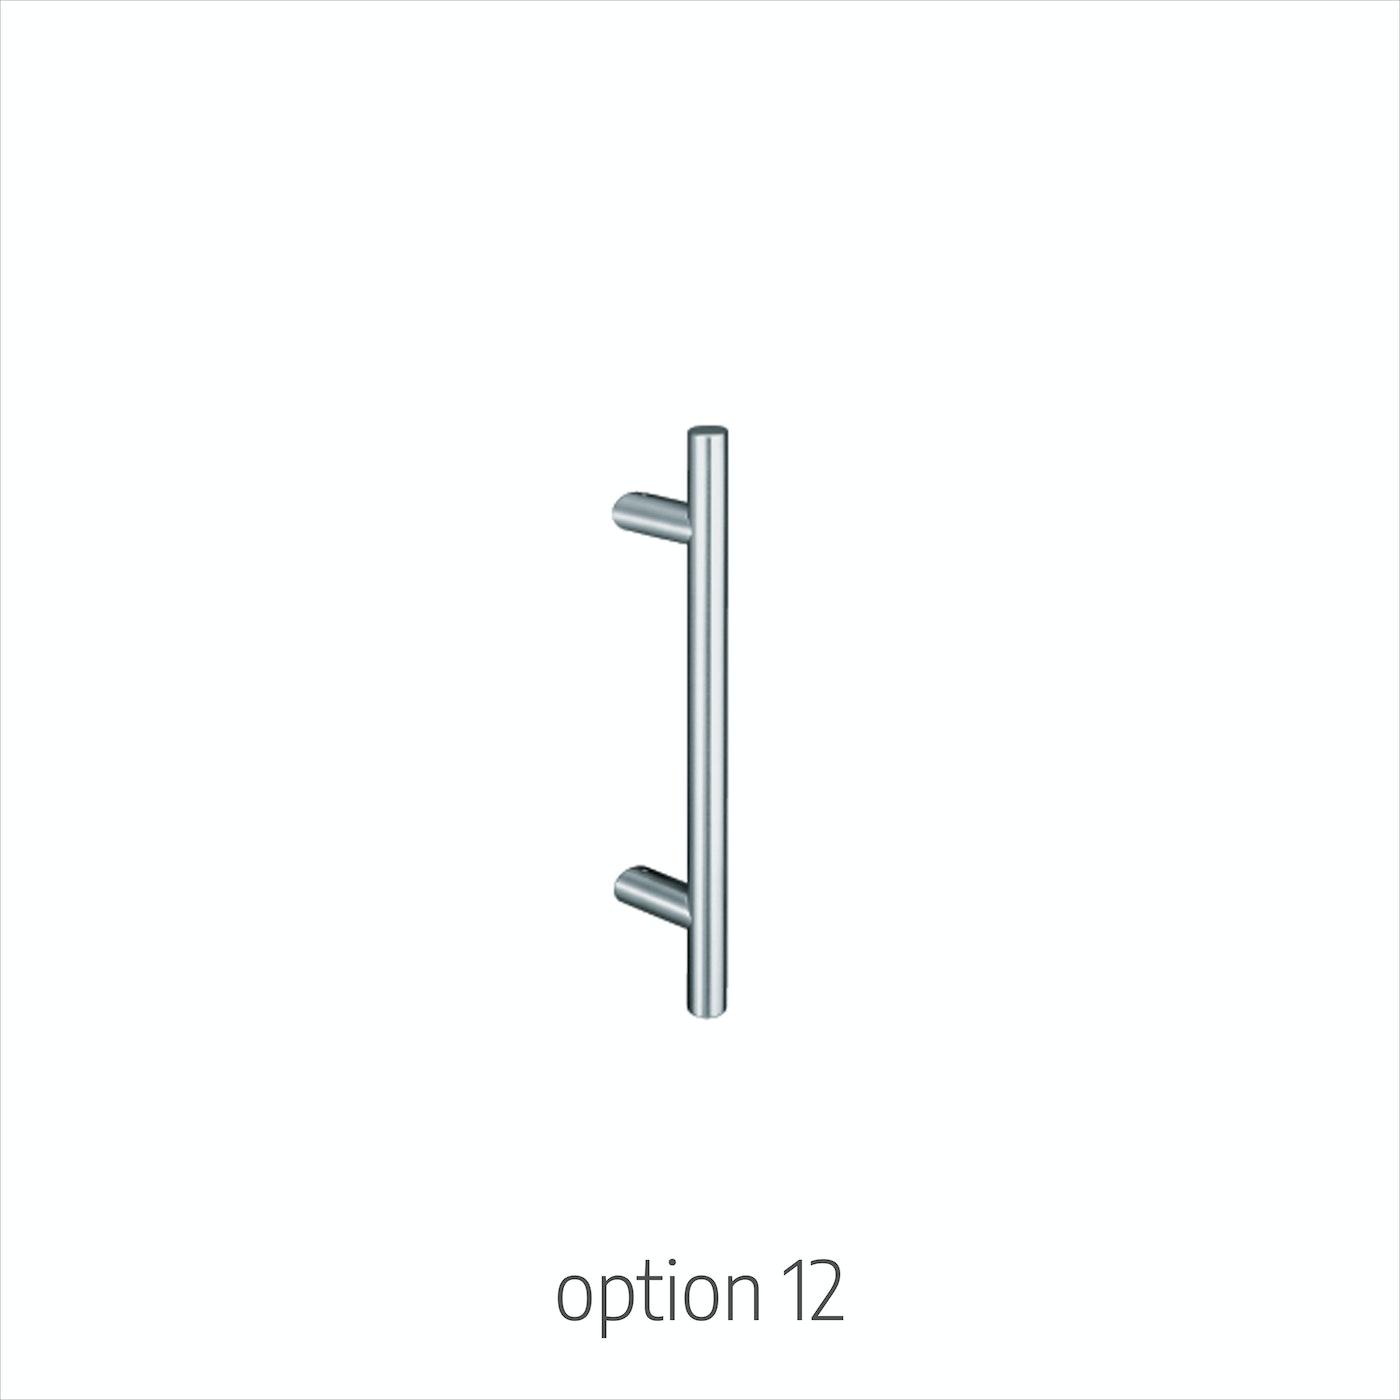 option 12